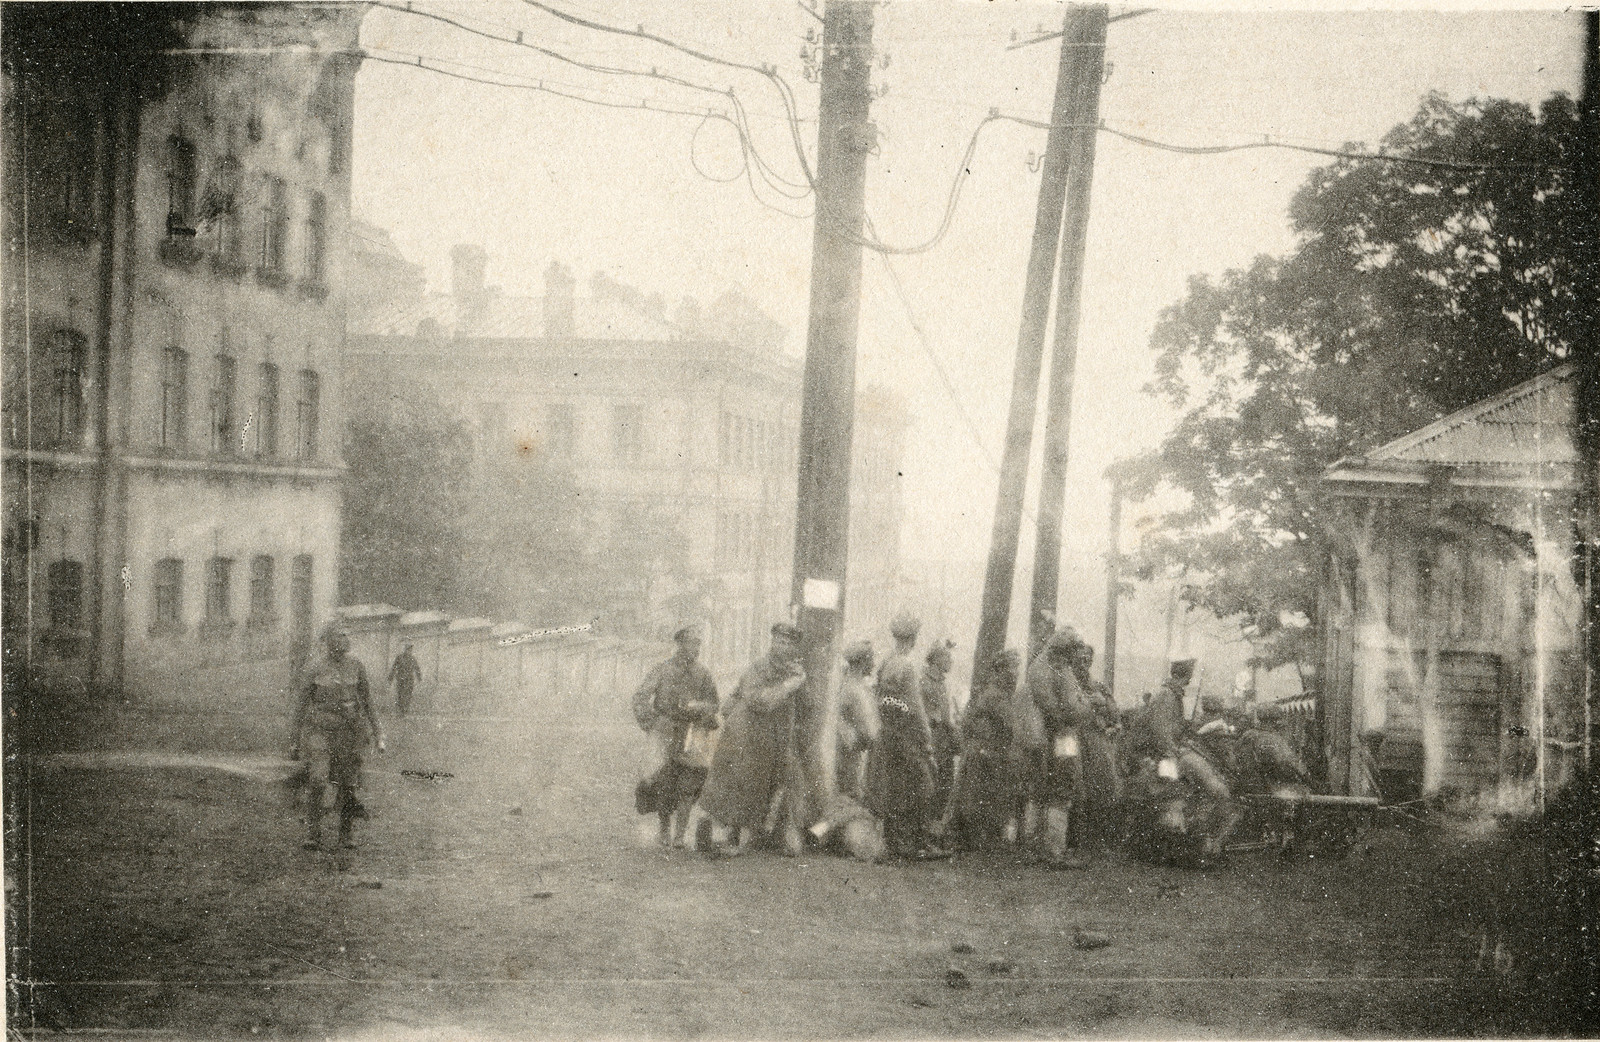 00. 1918. Пулеметный расчет чехов готовится к атаке на штаб большевиков. 28 июня